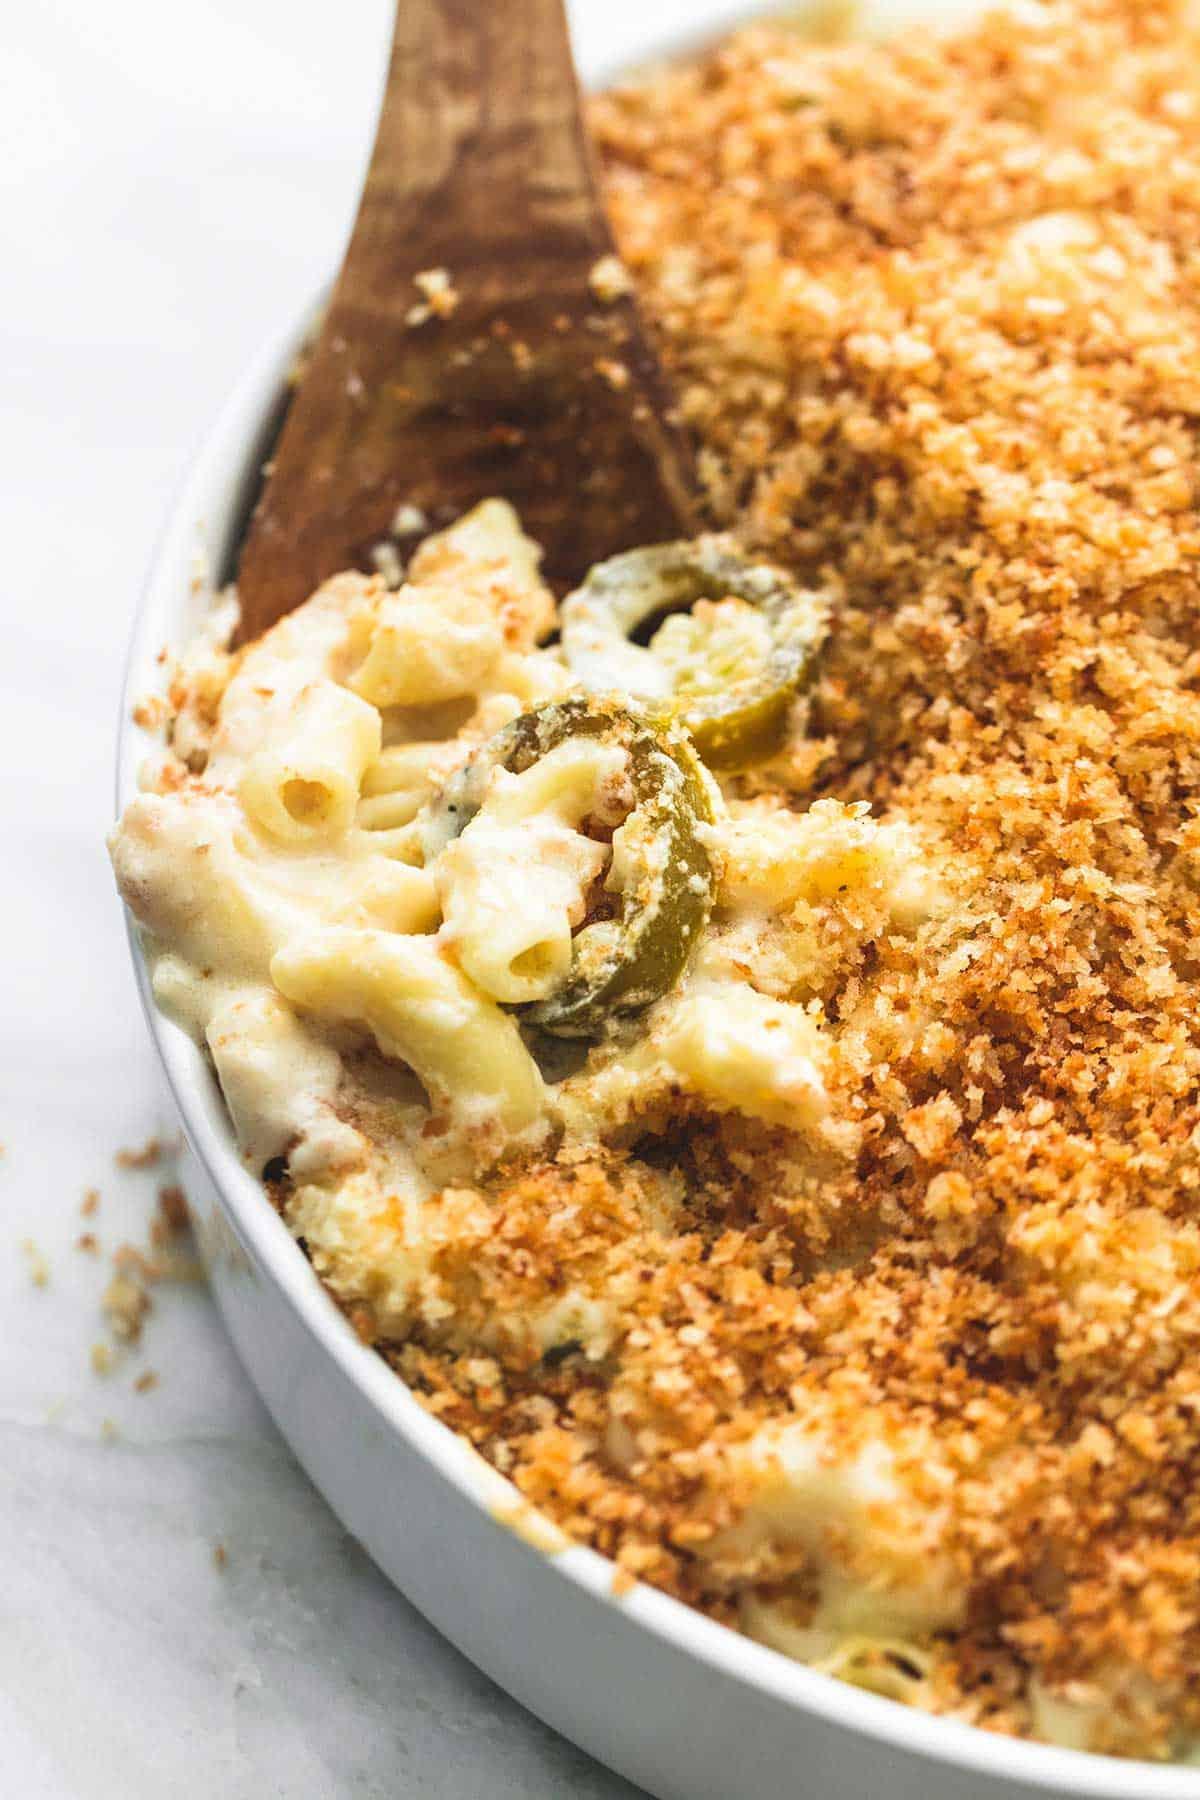 Baked Jalapeño Popper Macaroni & Cheese